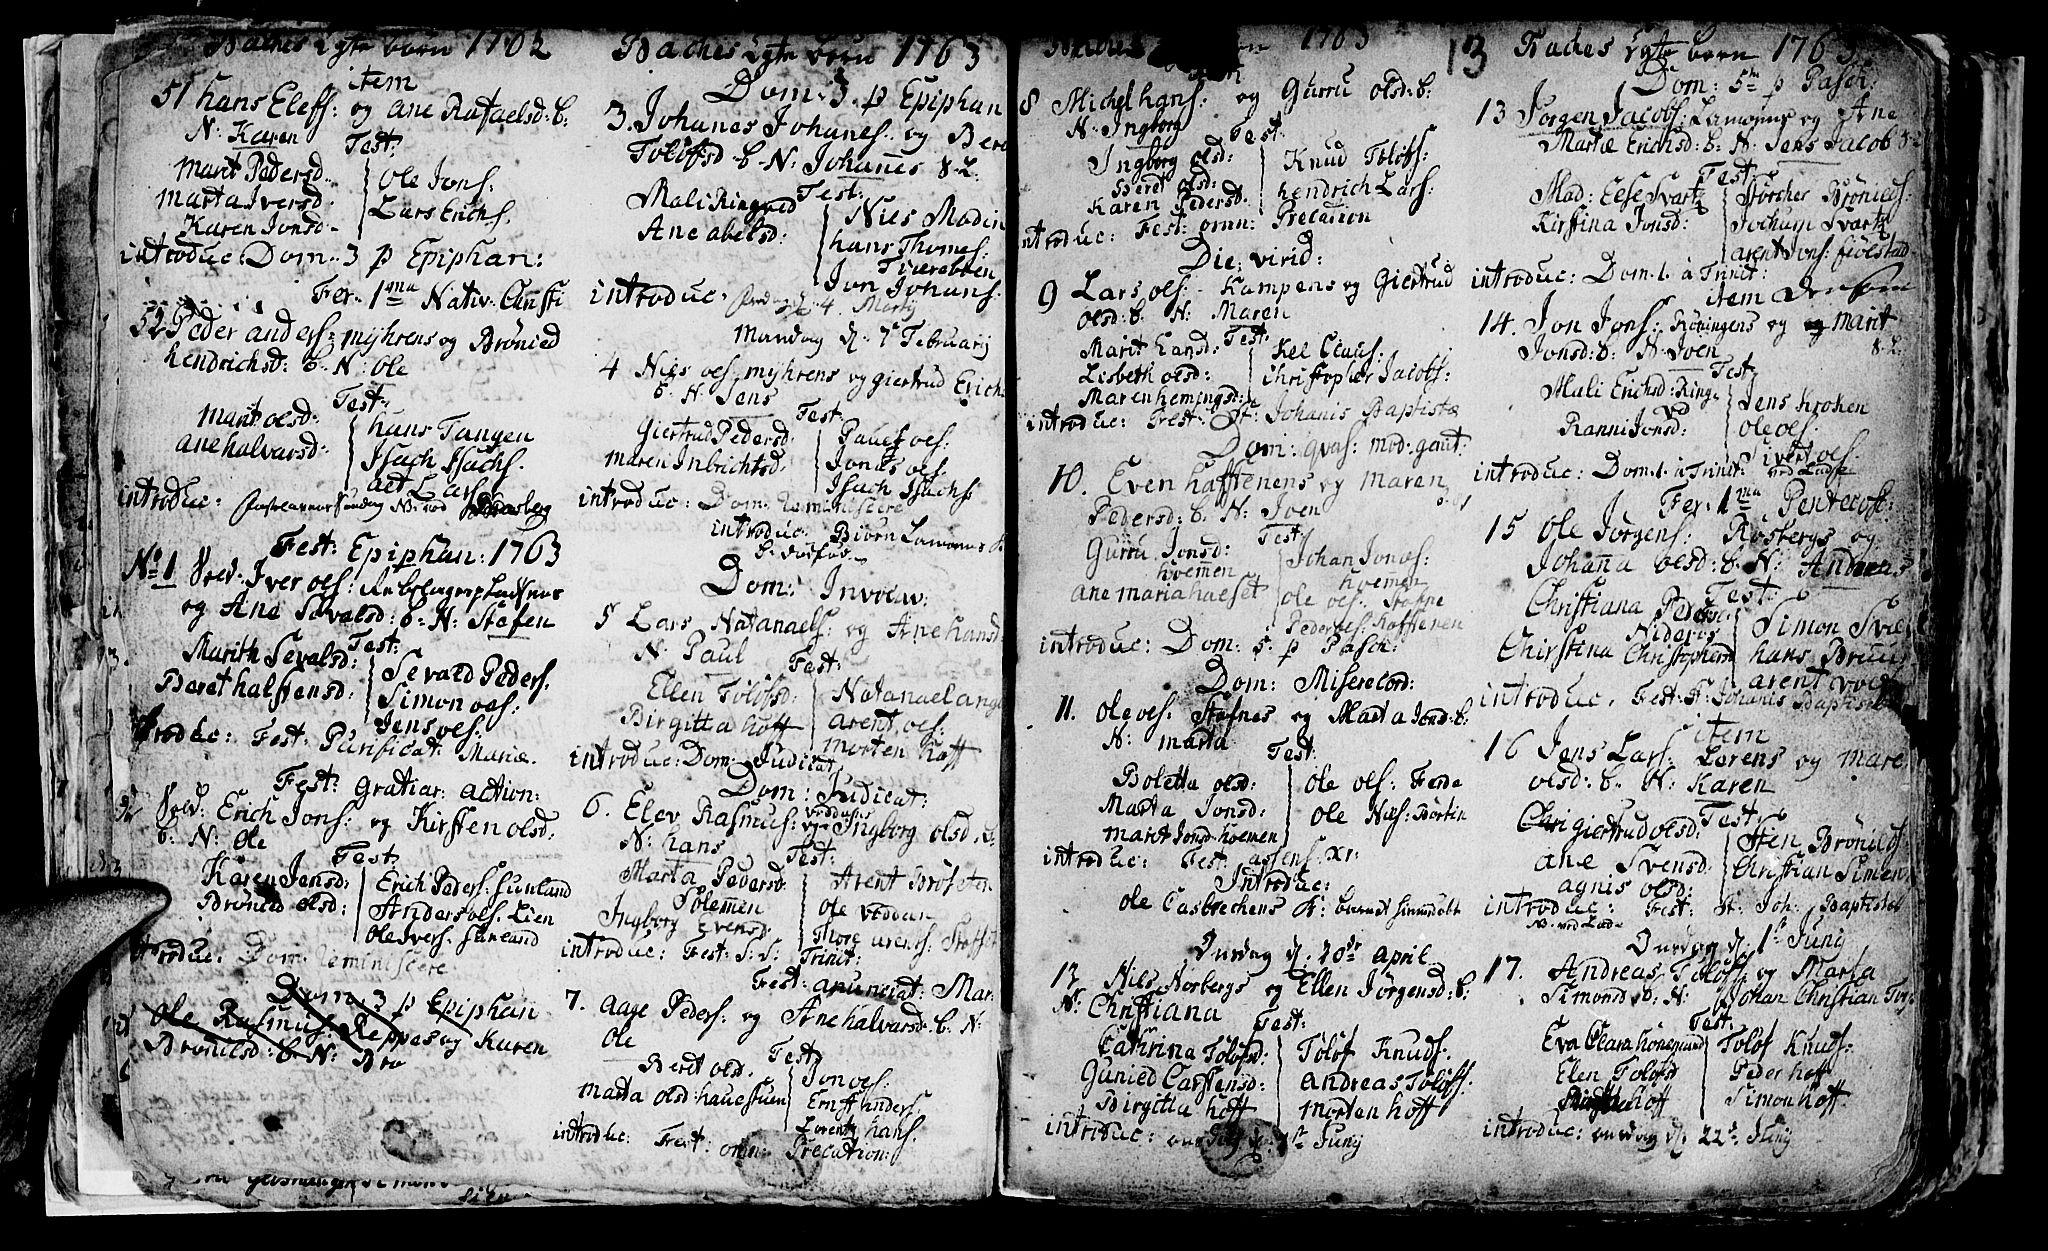 SAT, Ministerialprotokoller, klokkerbøker og fødselsregistre - Sør-Trøndelag, 604/L0218: Klokkerbok nr. 604C01, 1754-1819, s. 13